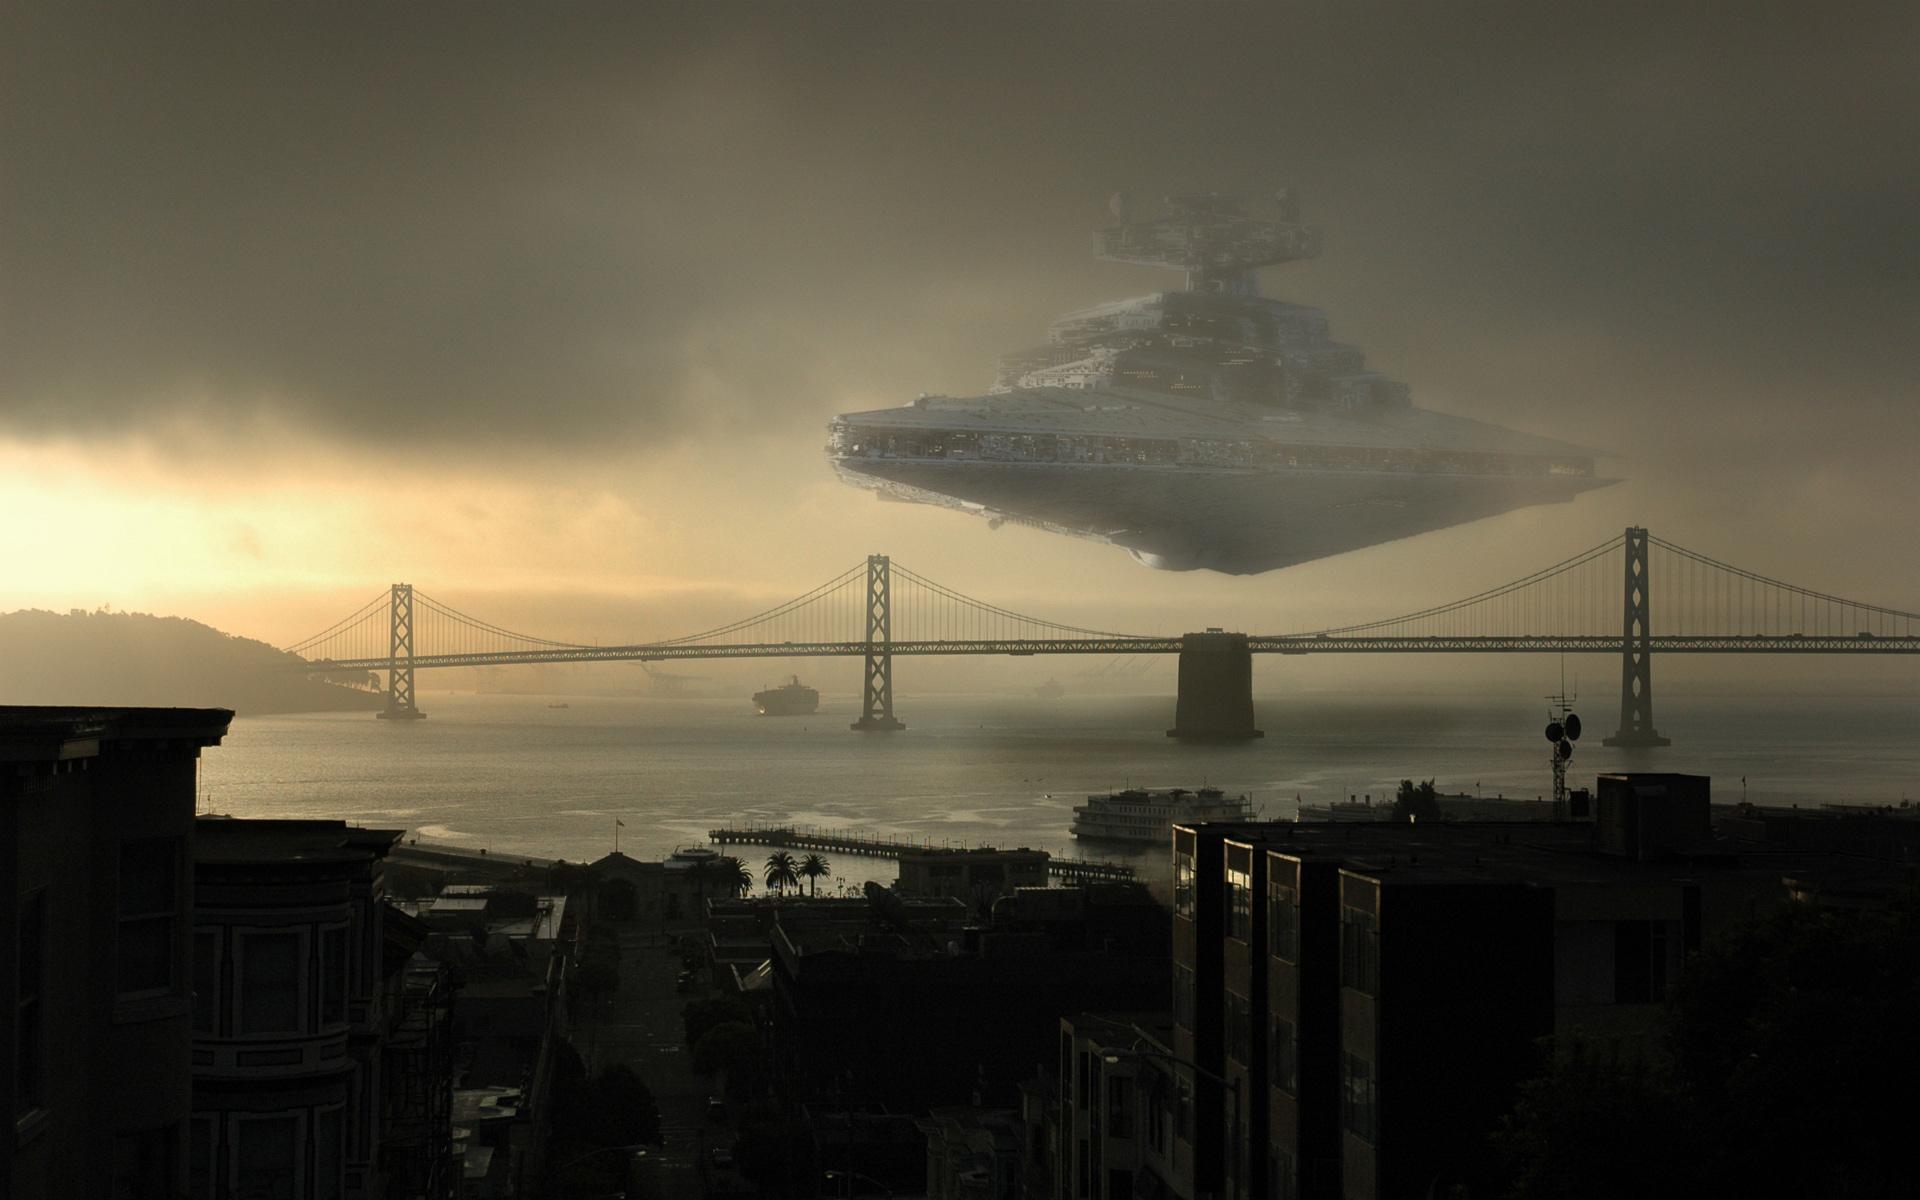 Star wars d barque sur terre - Paysage star wars ...